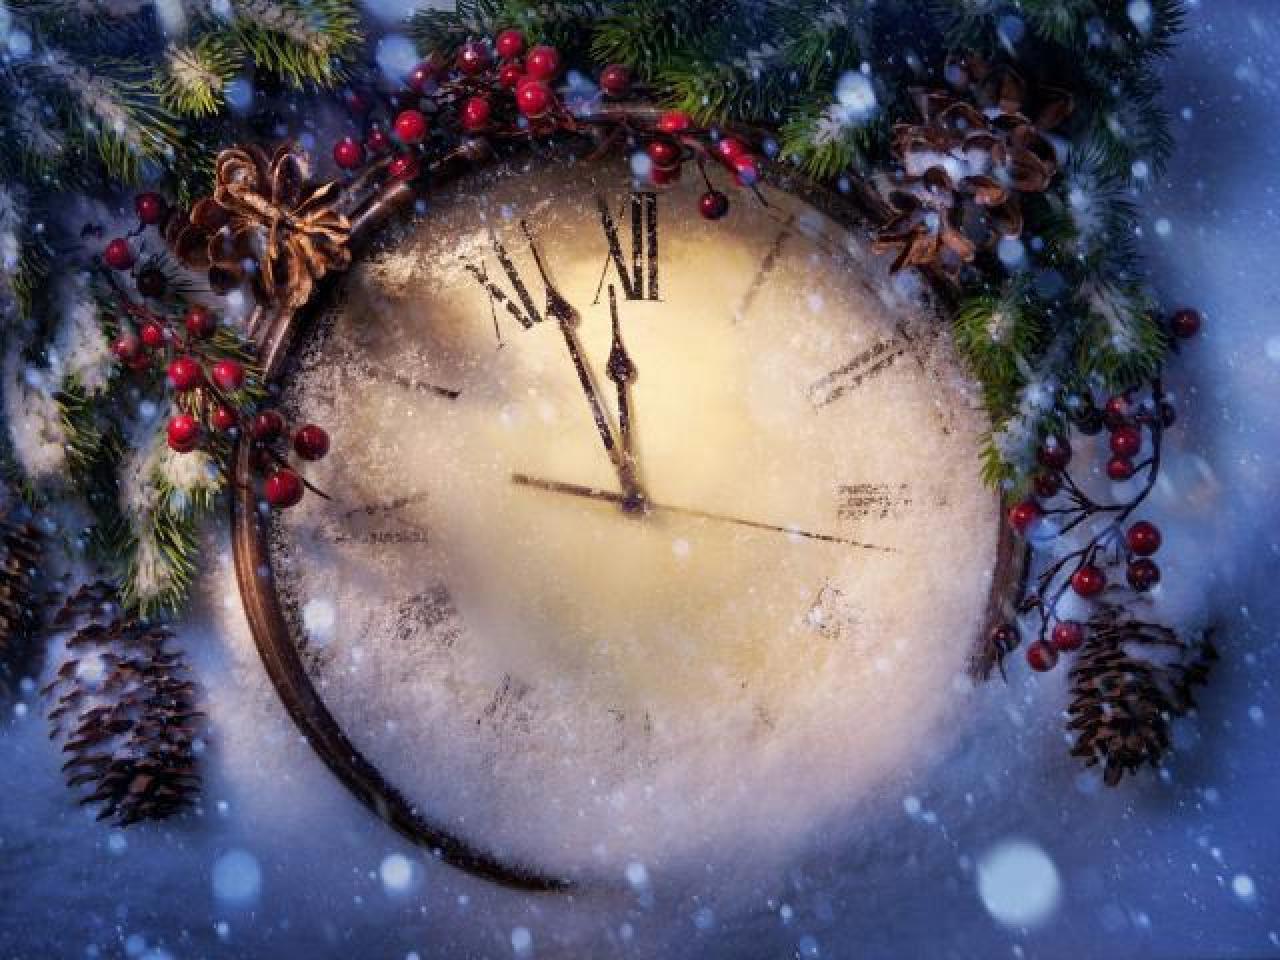 Рождество и Новый Год во Франции - 2